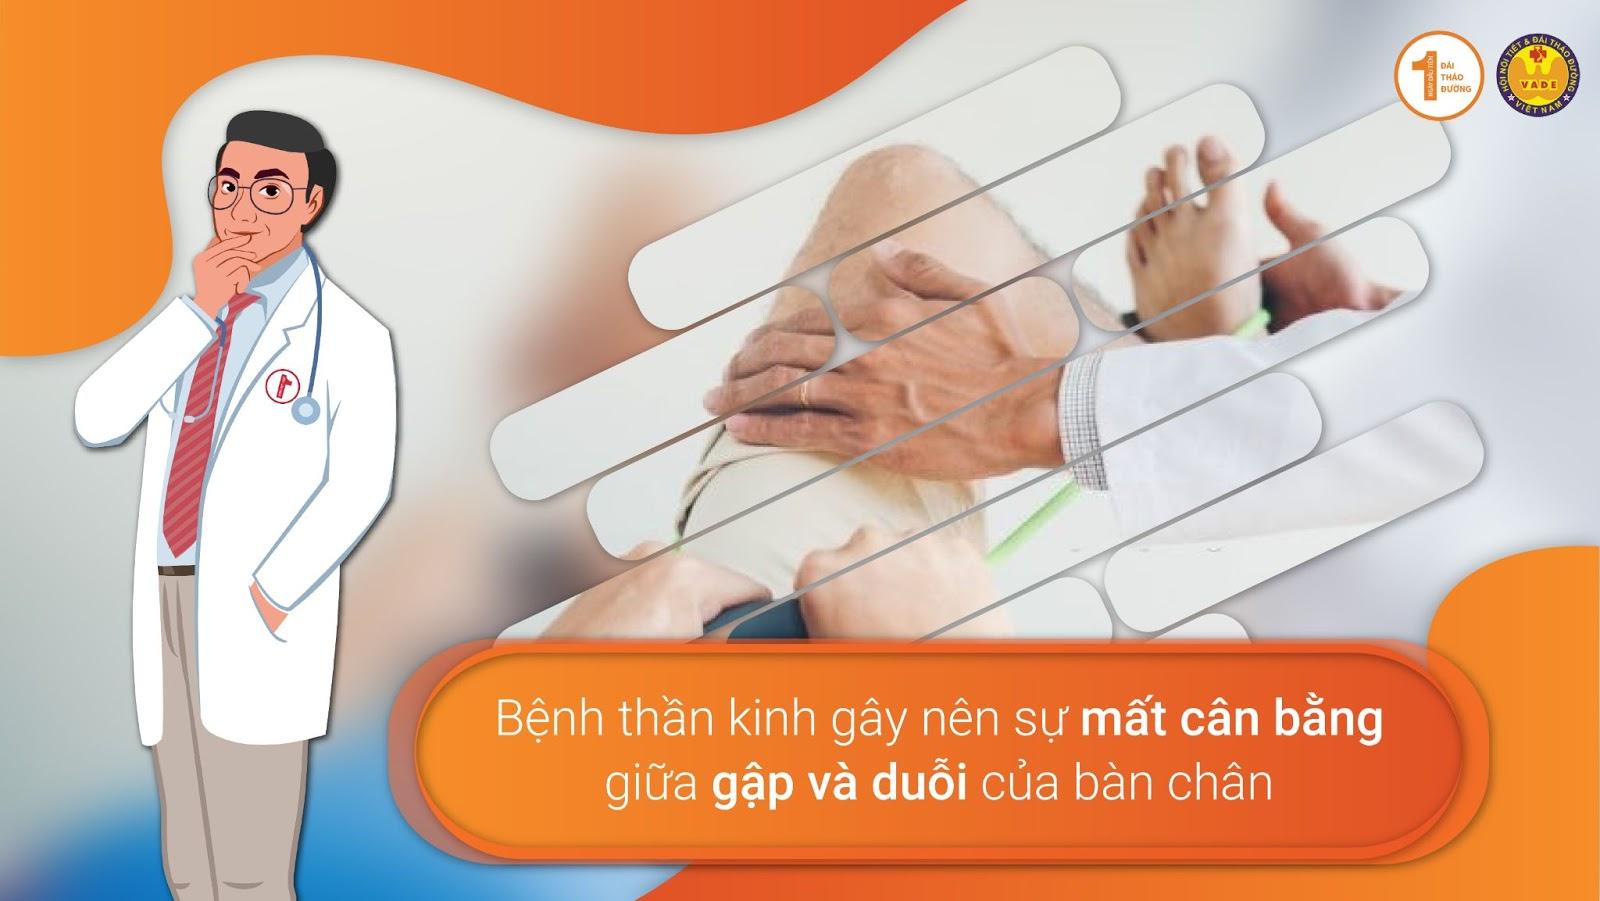 Nguyên nhân dẫn đến biến chứng bàn chân Đái Tháo Đường 1